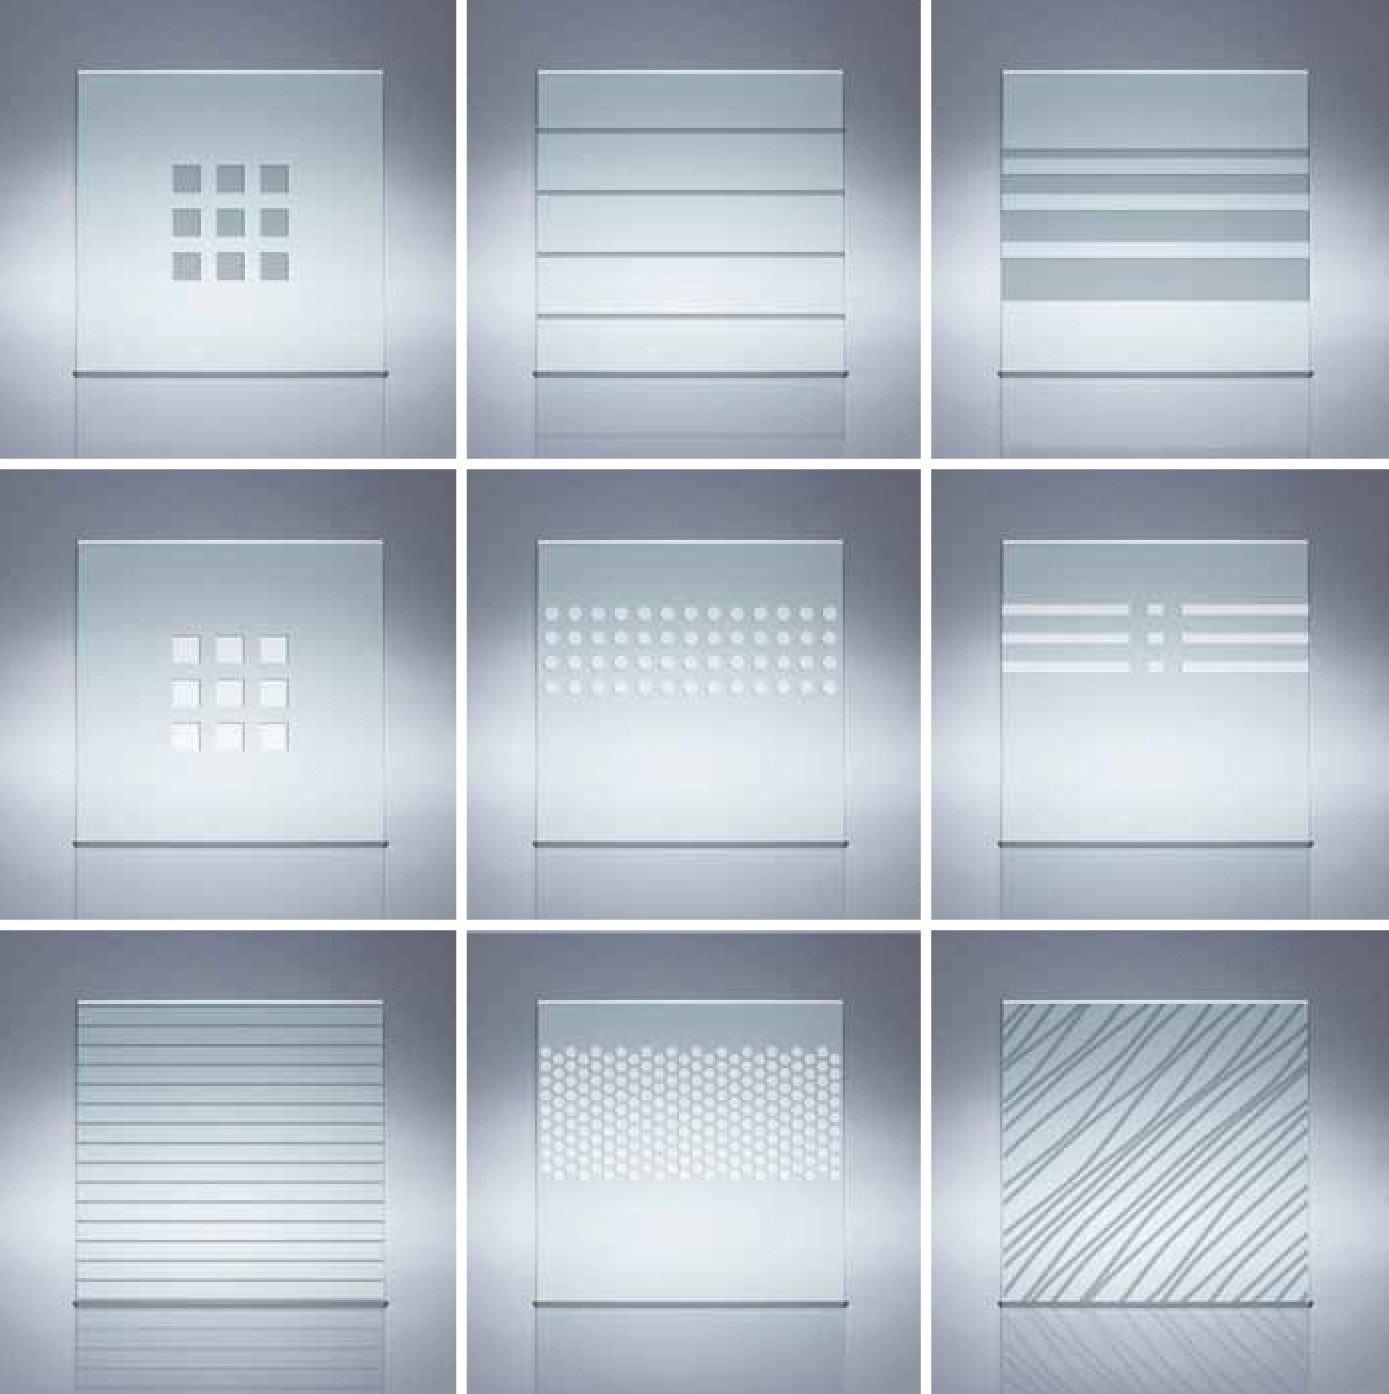 gl serner wind und sichtschutz glas news produkte archiv baunetz wissen. Black Bedroom Furniture Sets. Home Design Ideas